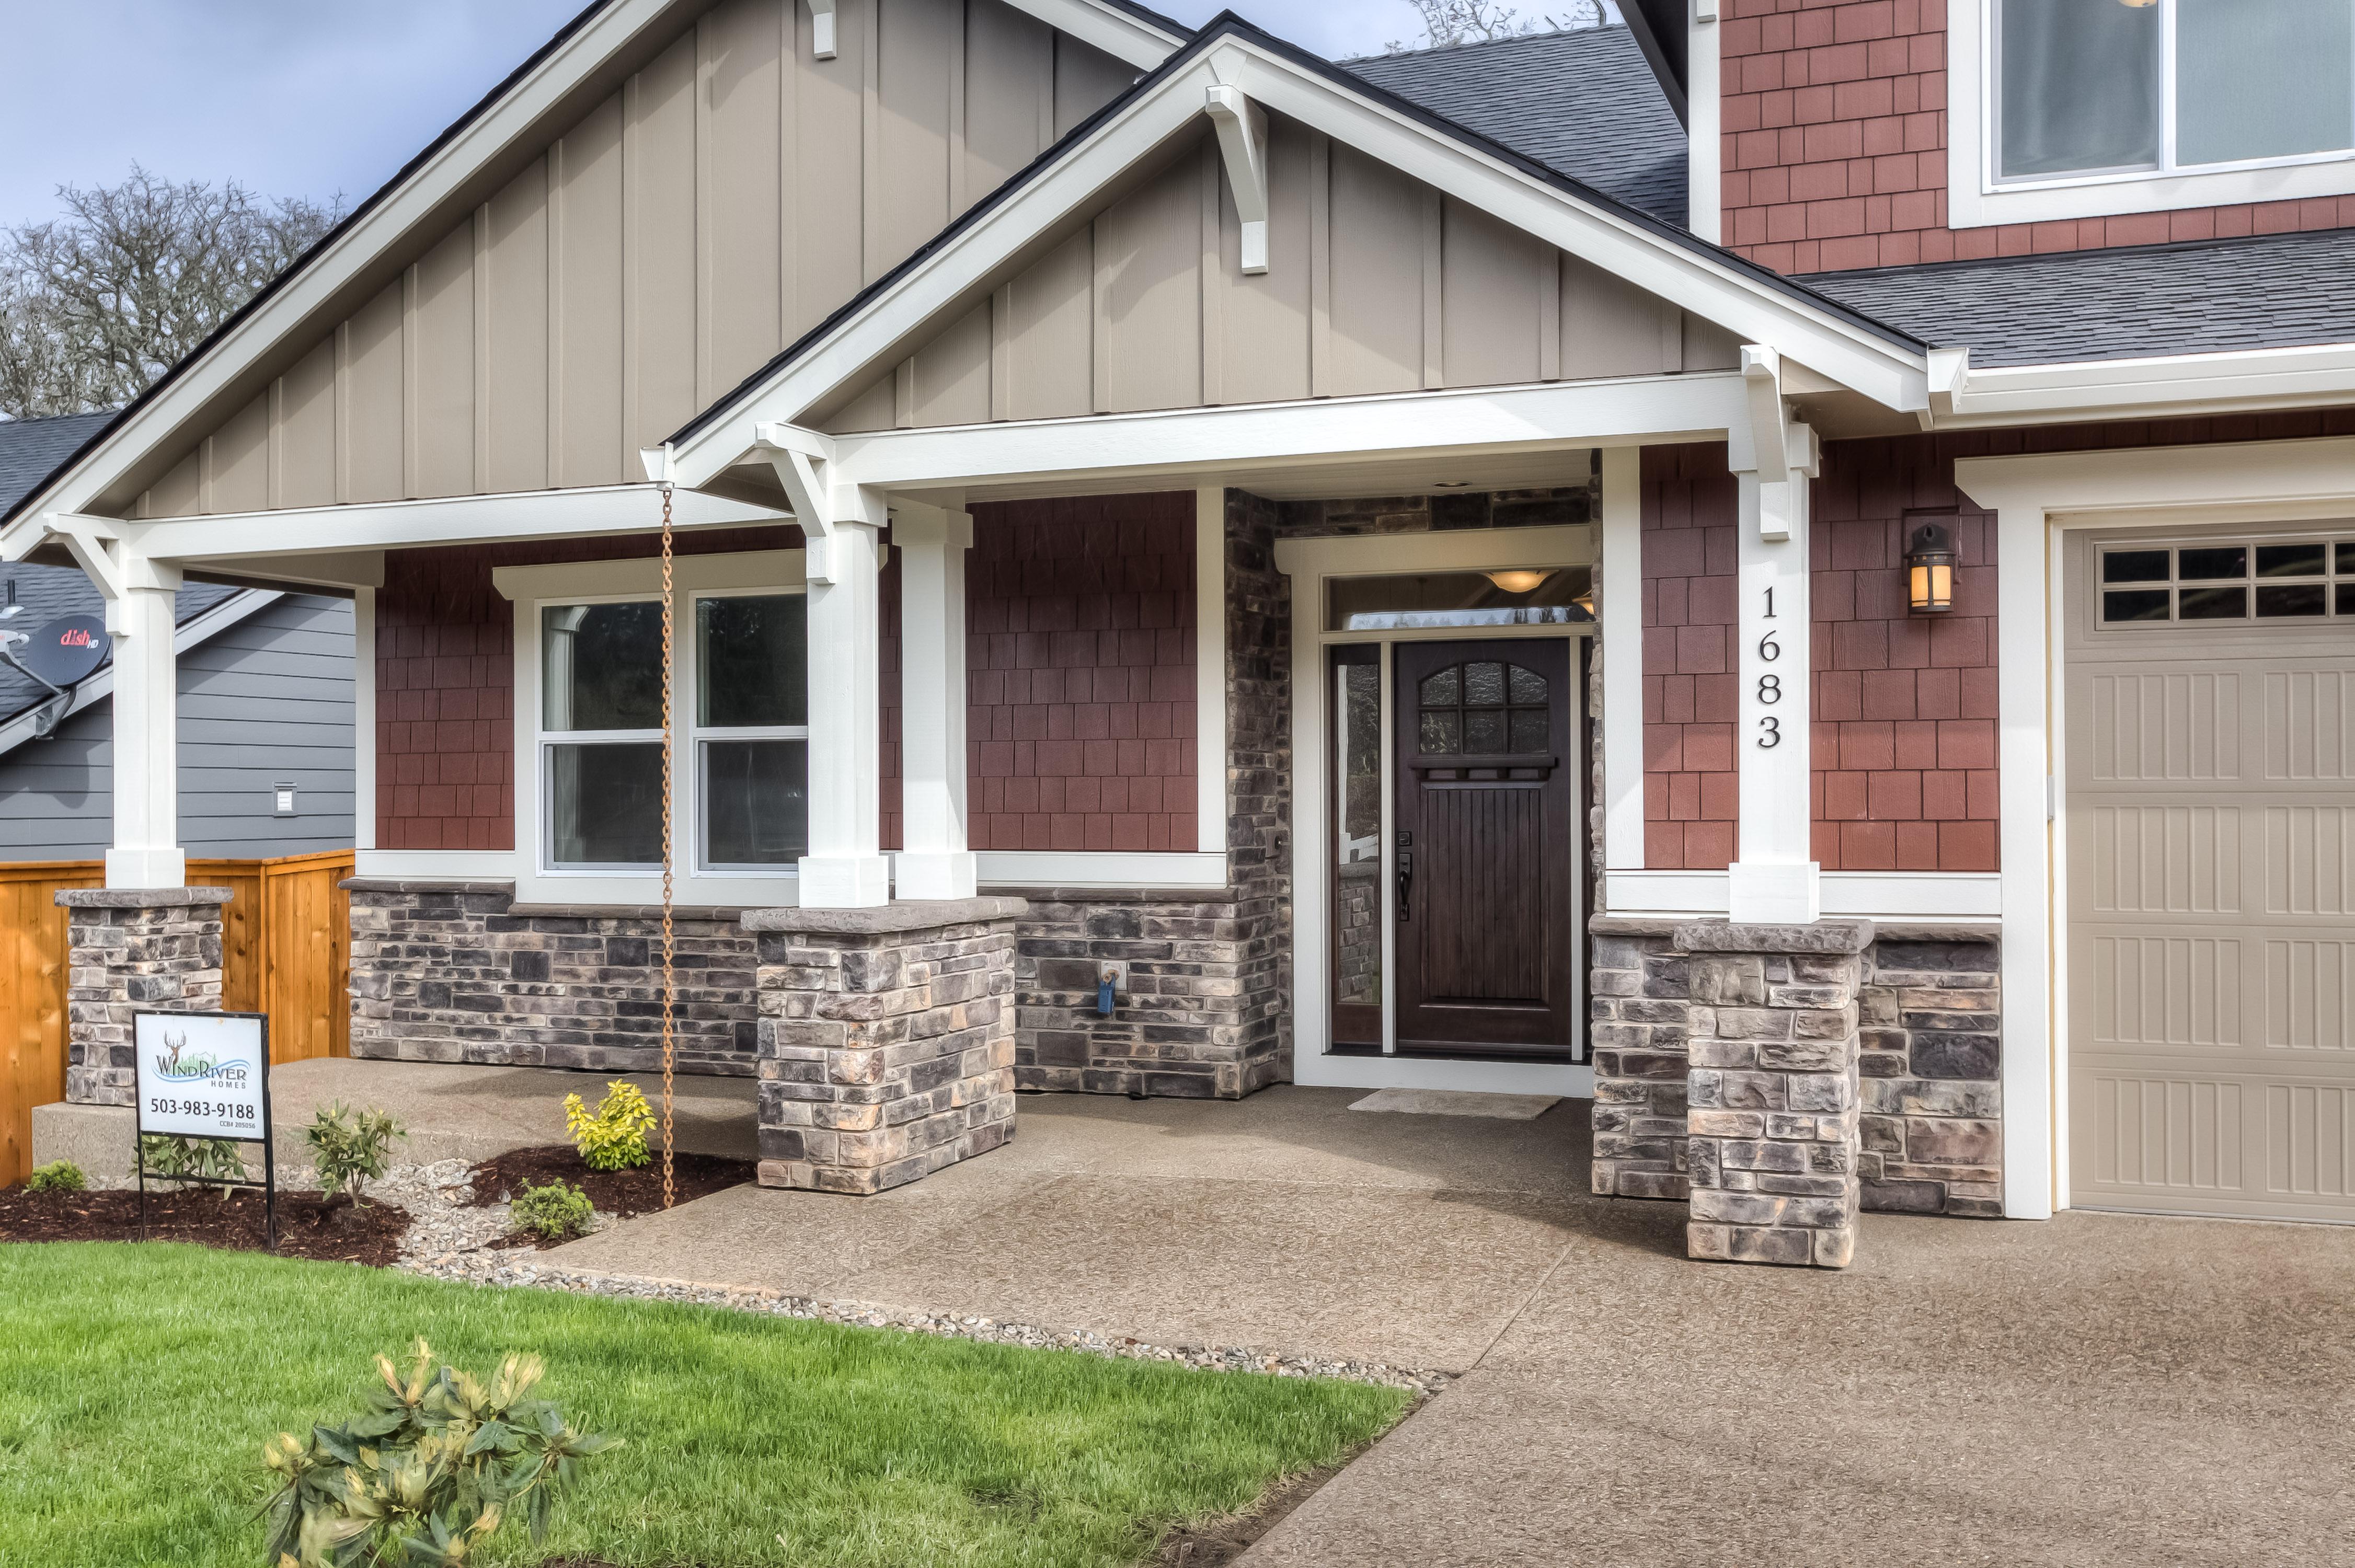 1683 Watson Butte - HQ-2